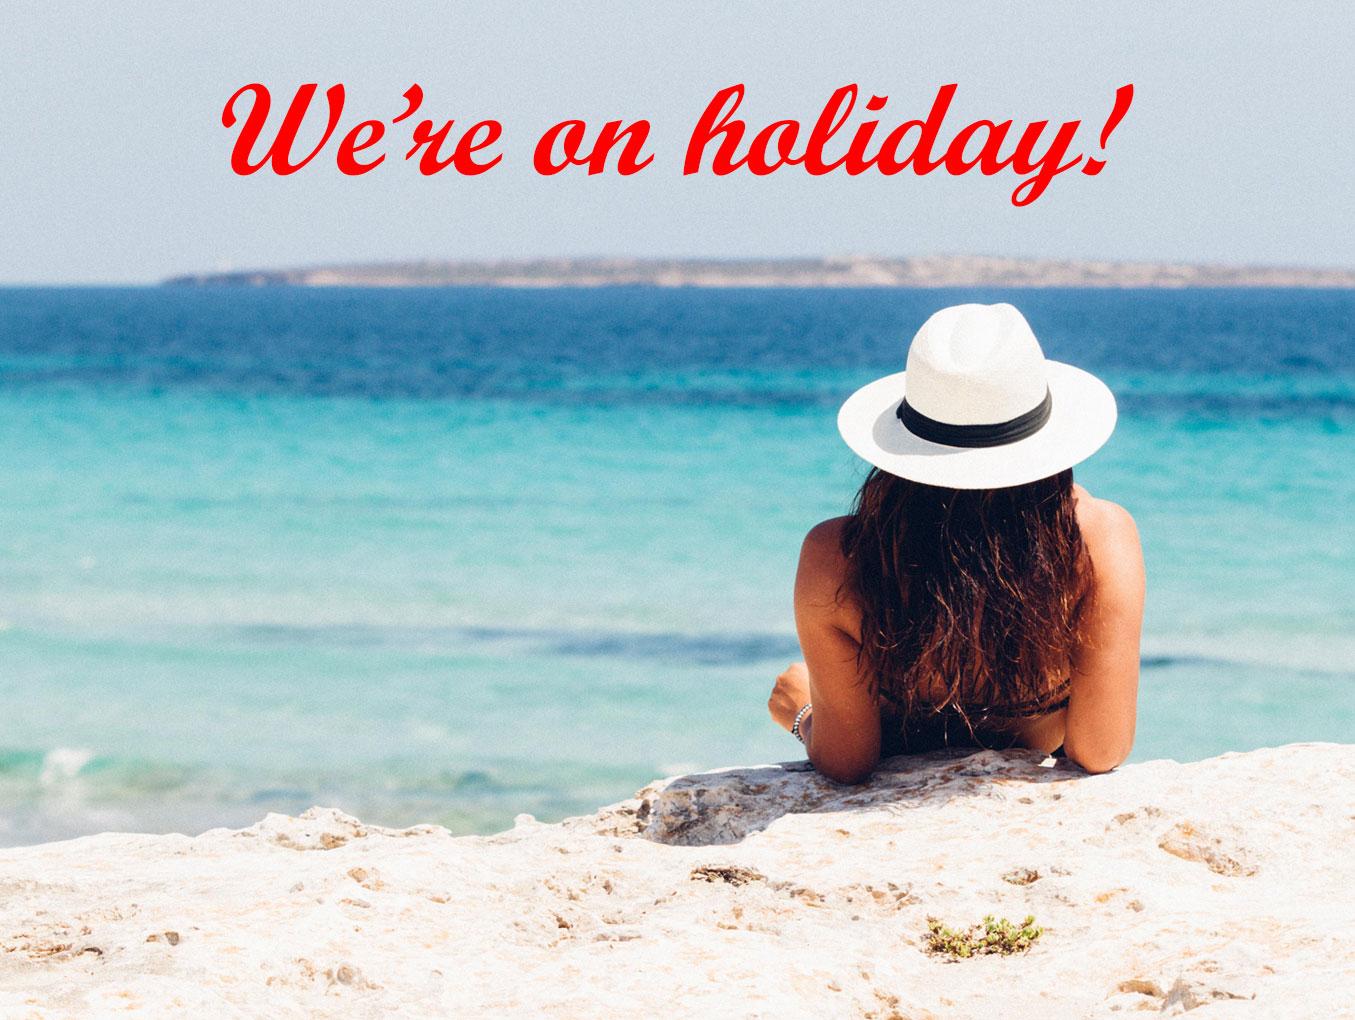 05/08/2019 - Summer holidays (10/08/2019 - 25/08/2019)